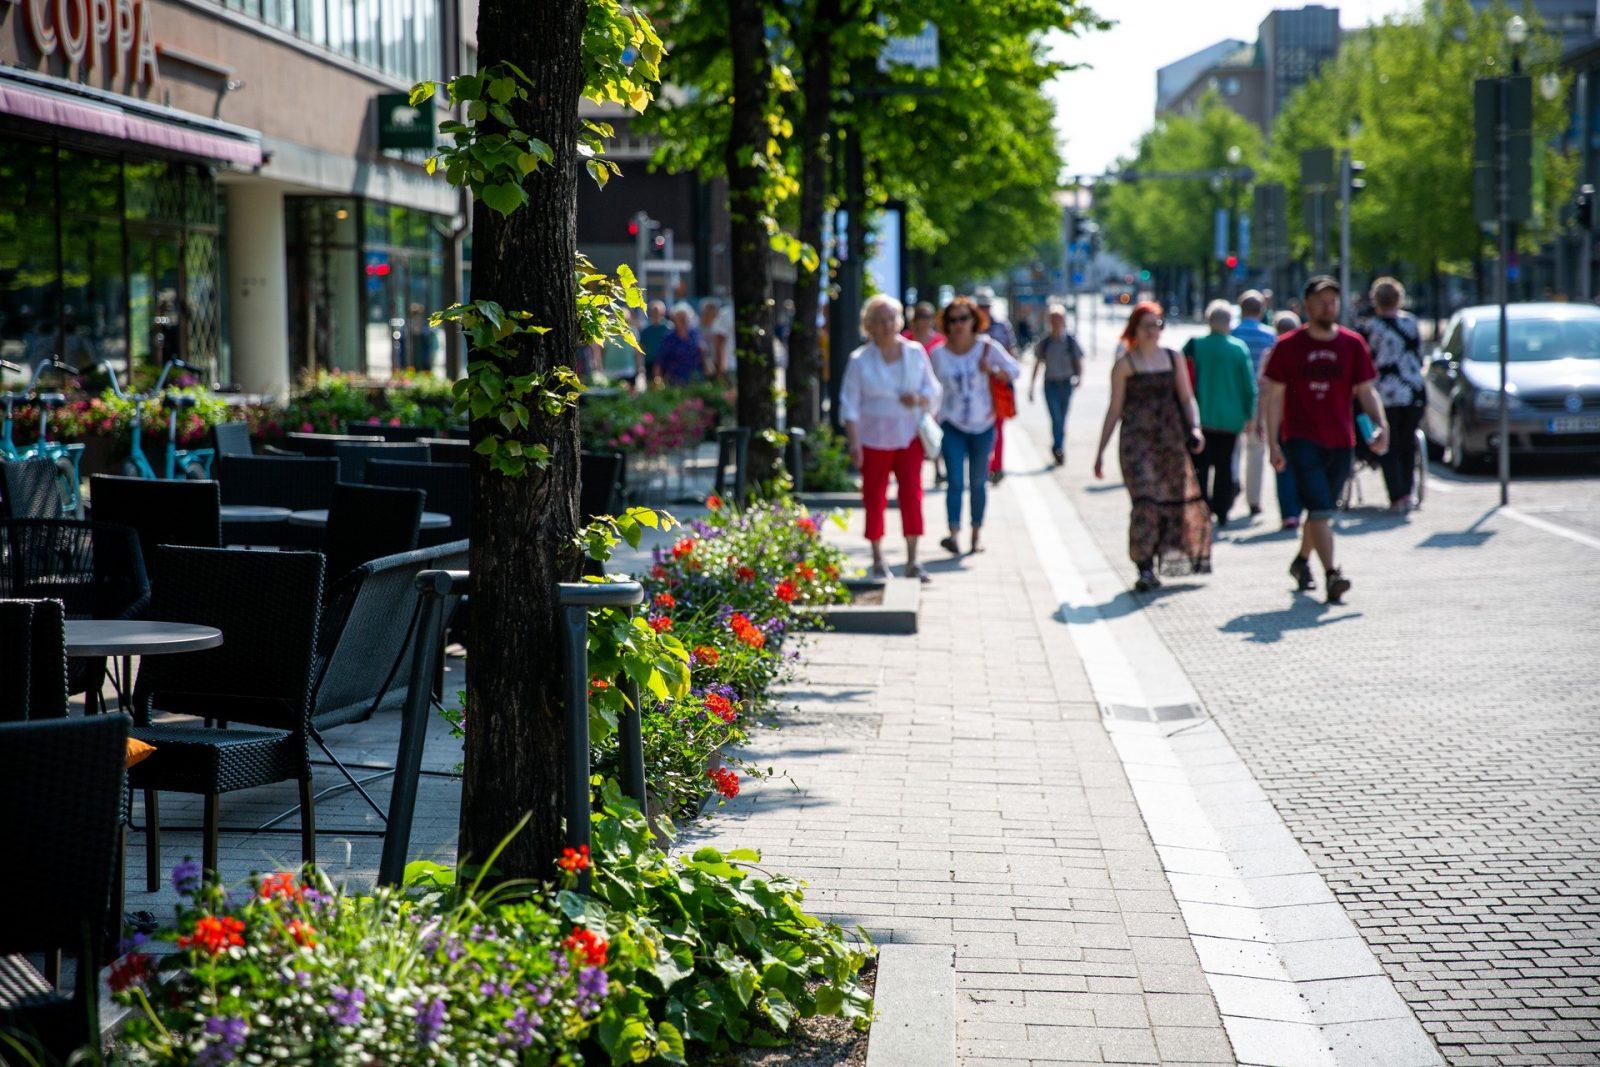 Kaupunkilaisia kävelemässä keskustan kävelykadulla.